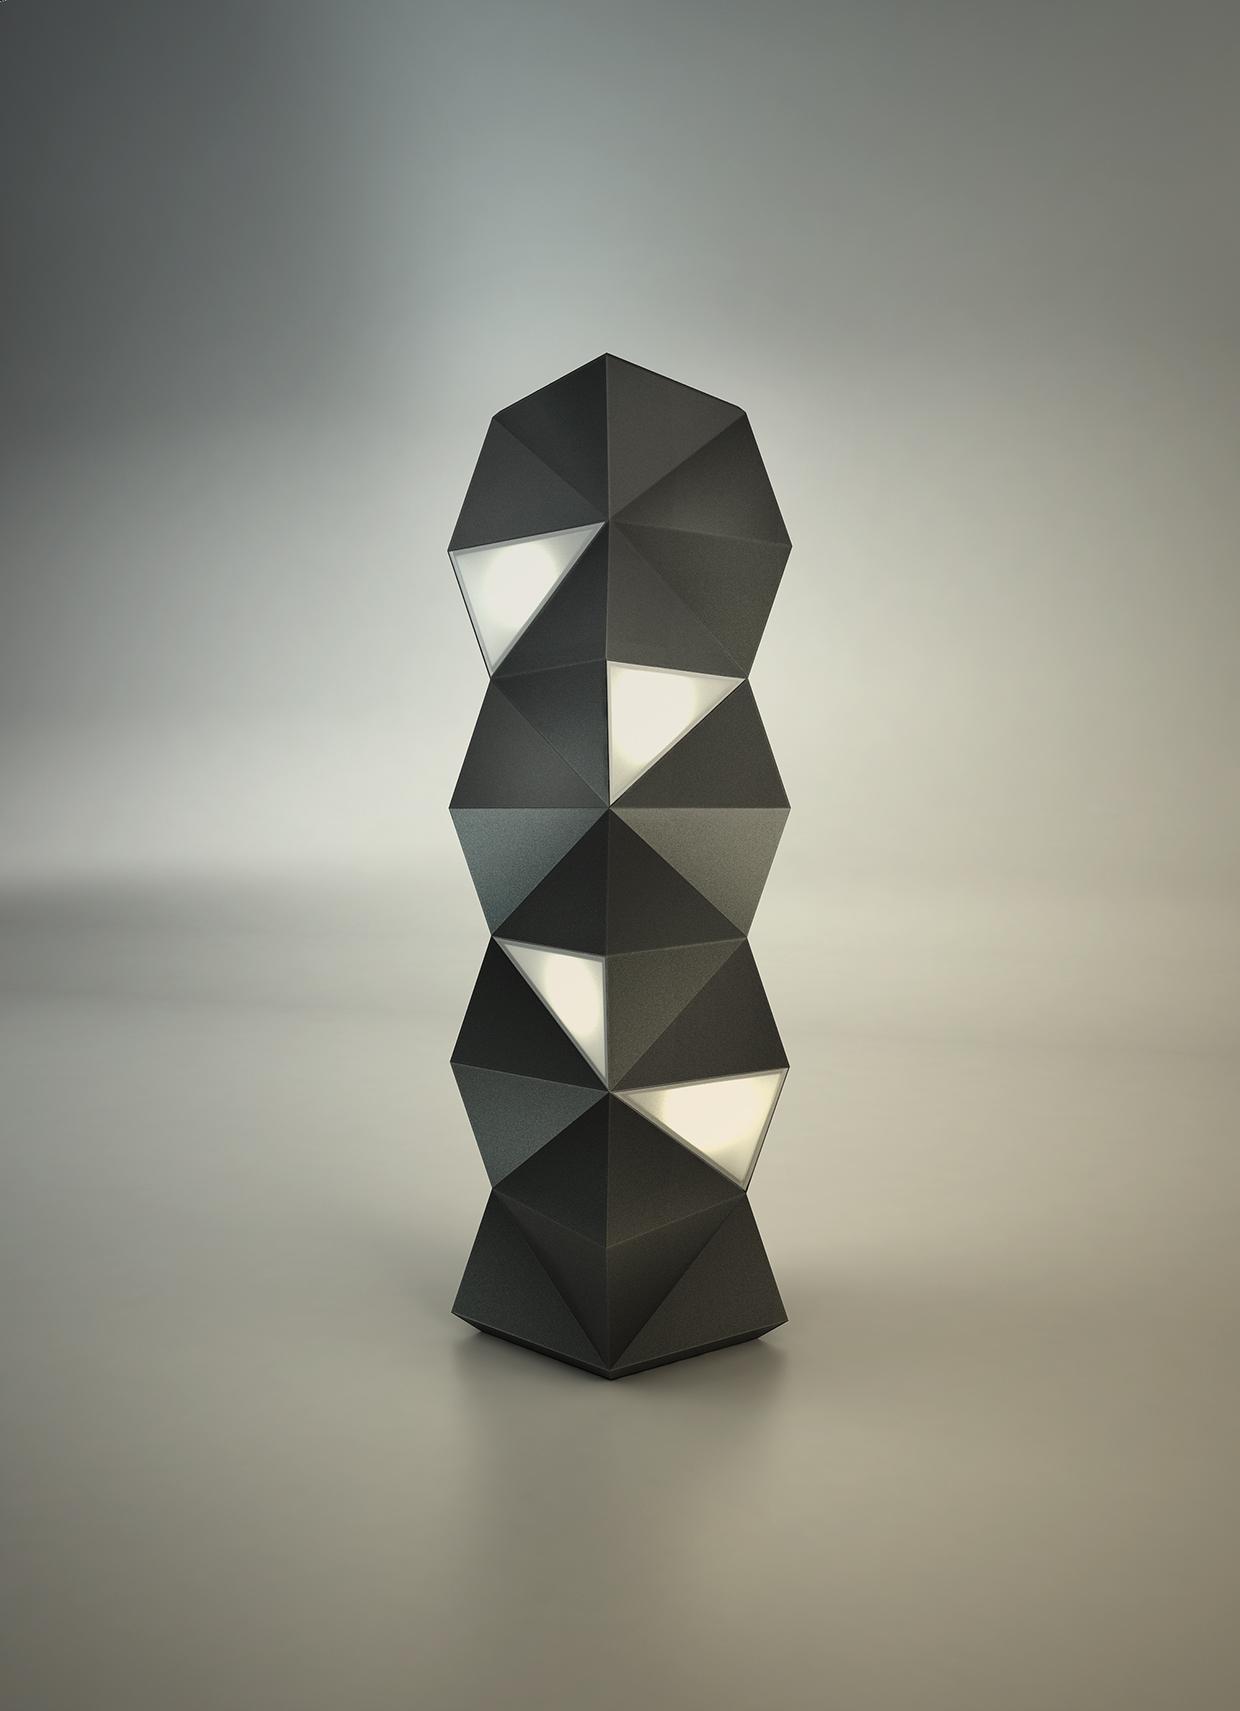 Dripmoon-archvis-graphiste3D-design-produits-images-3D-luminaires-toshiba-Noctabene-origami